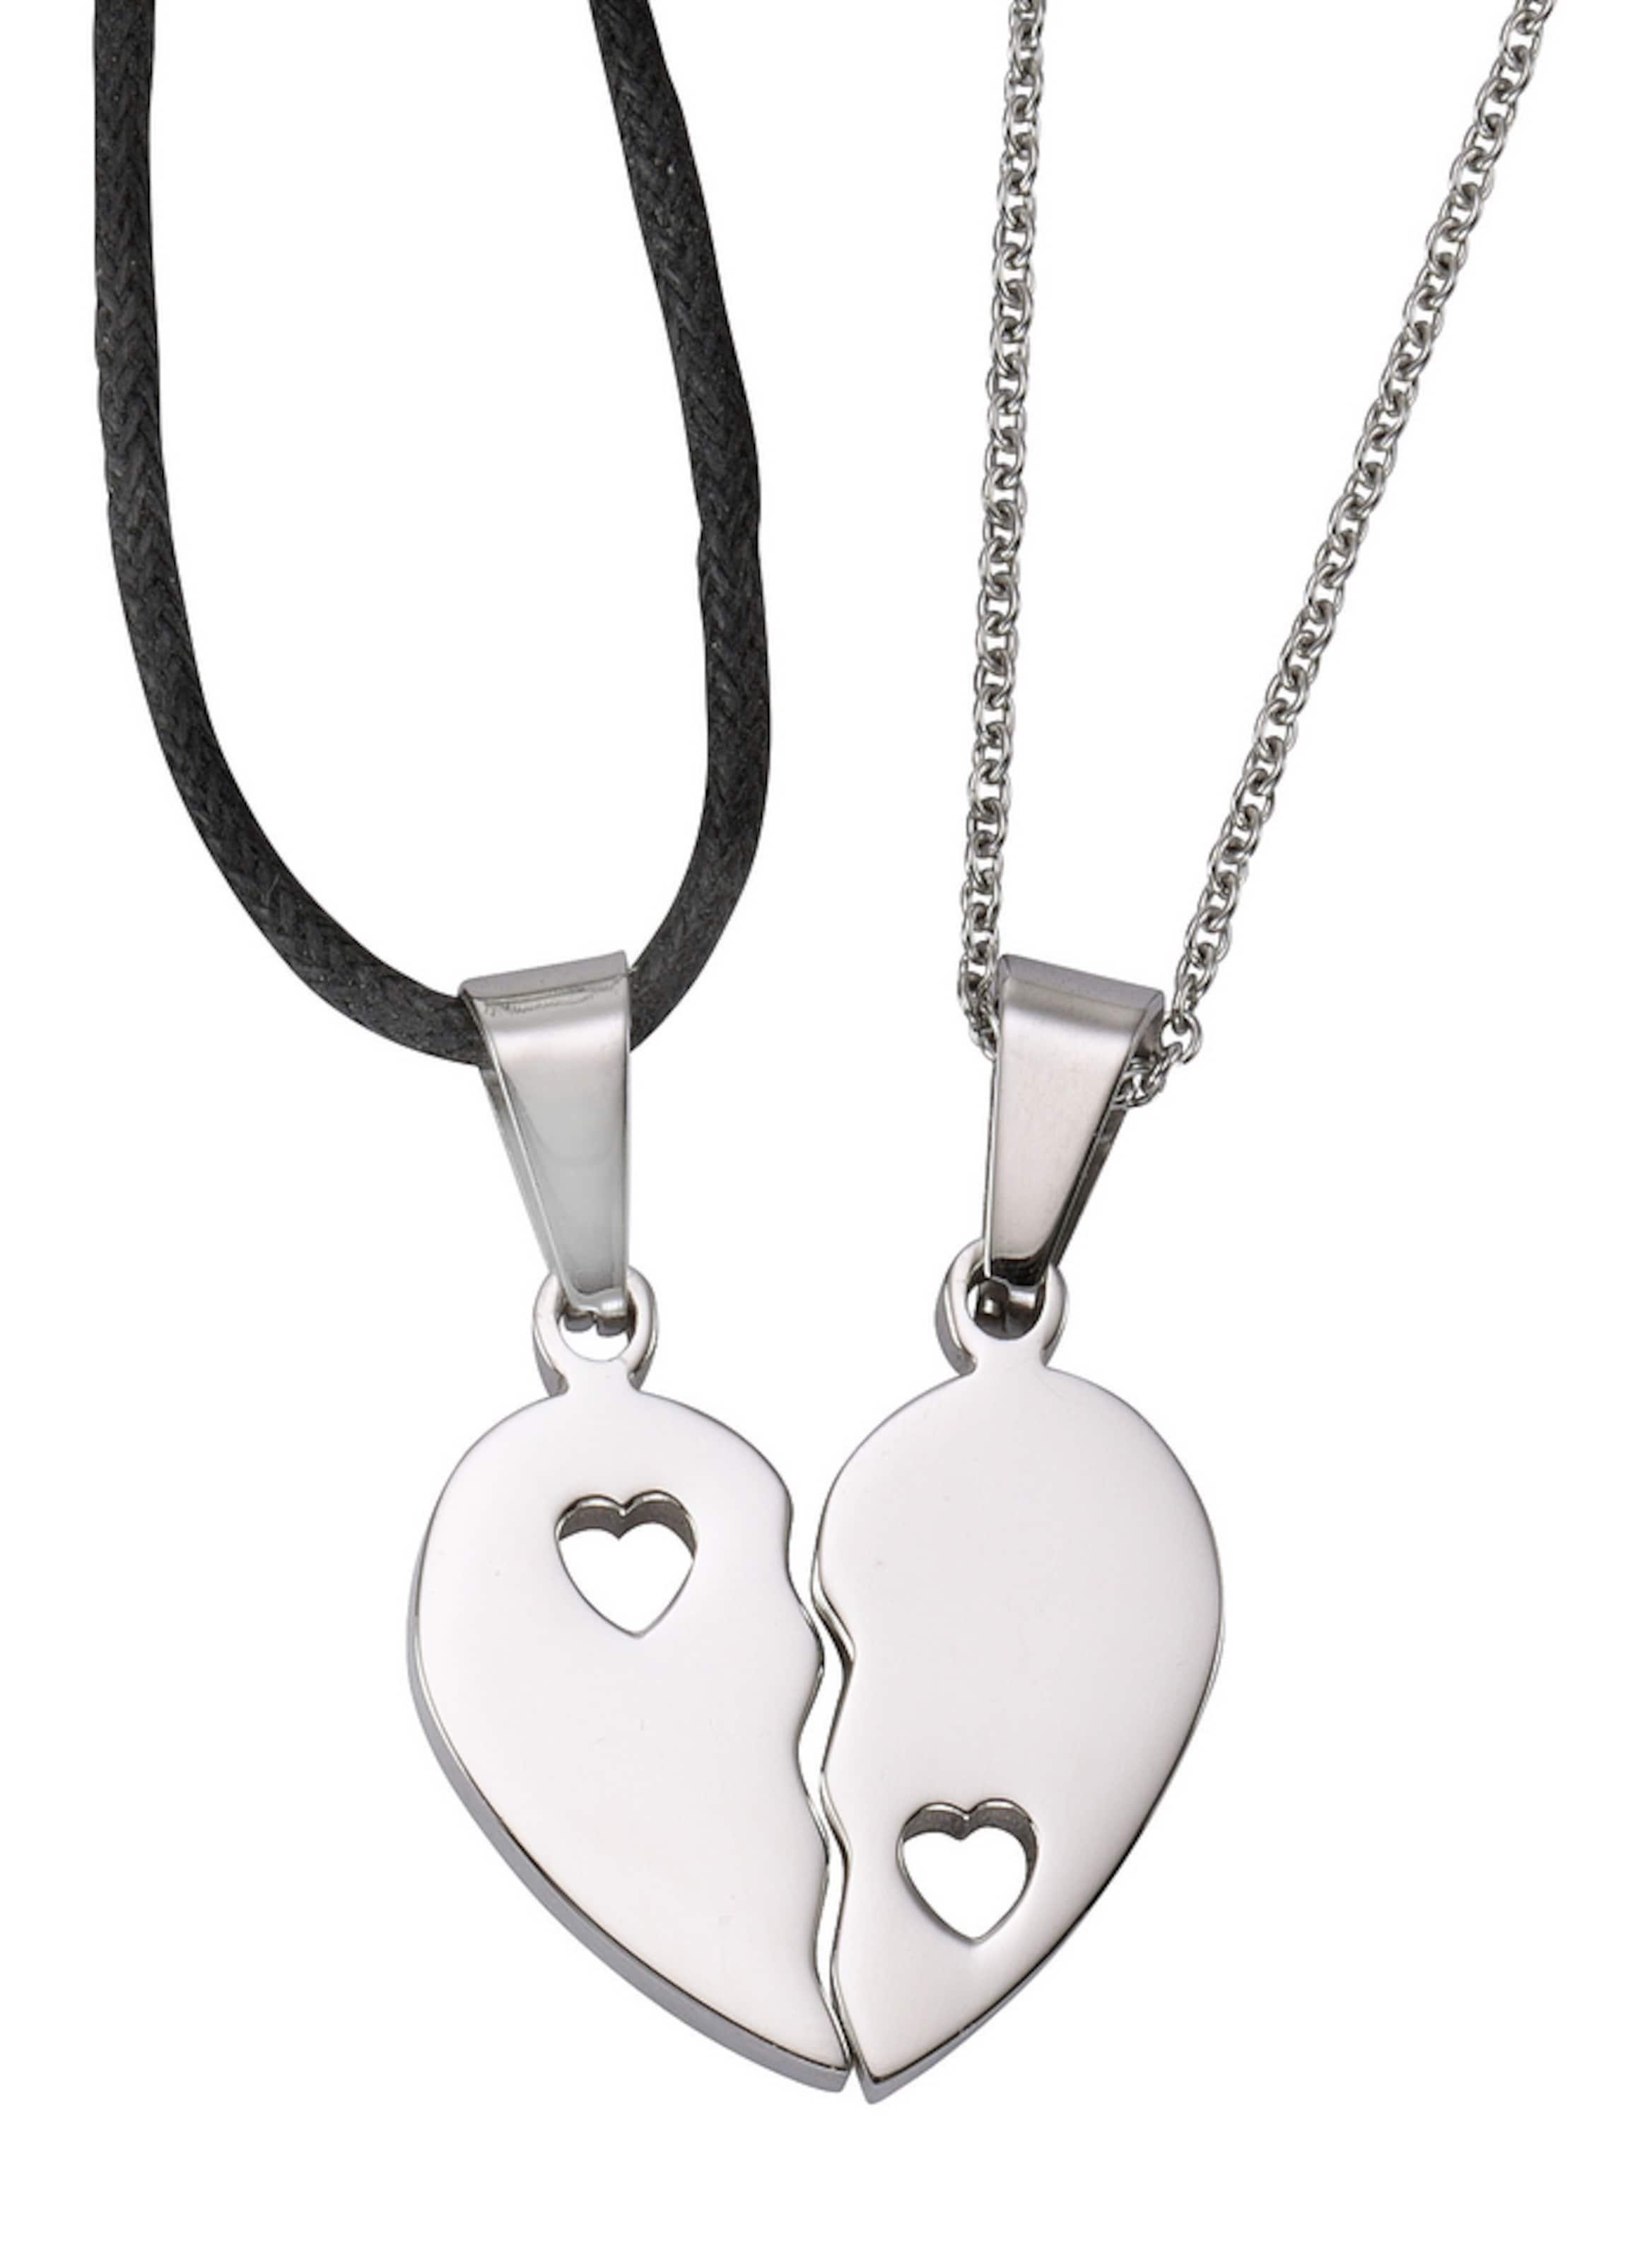 Kaufen Billig Authentisch FIRETTI Schmuckset (2 Halsketten mit Anhänger) Ansicht Verkauf Online zUf2b1NIC